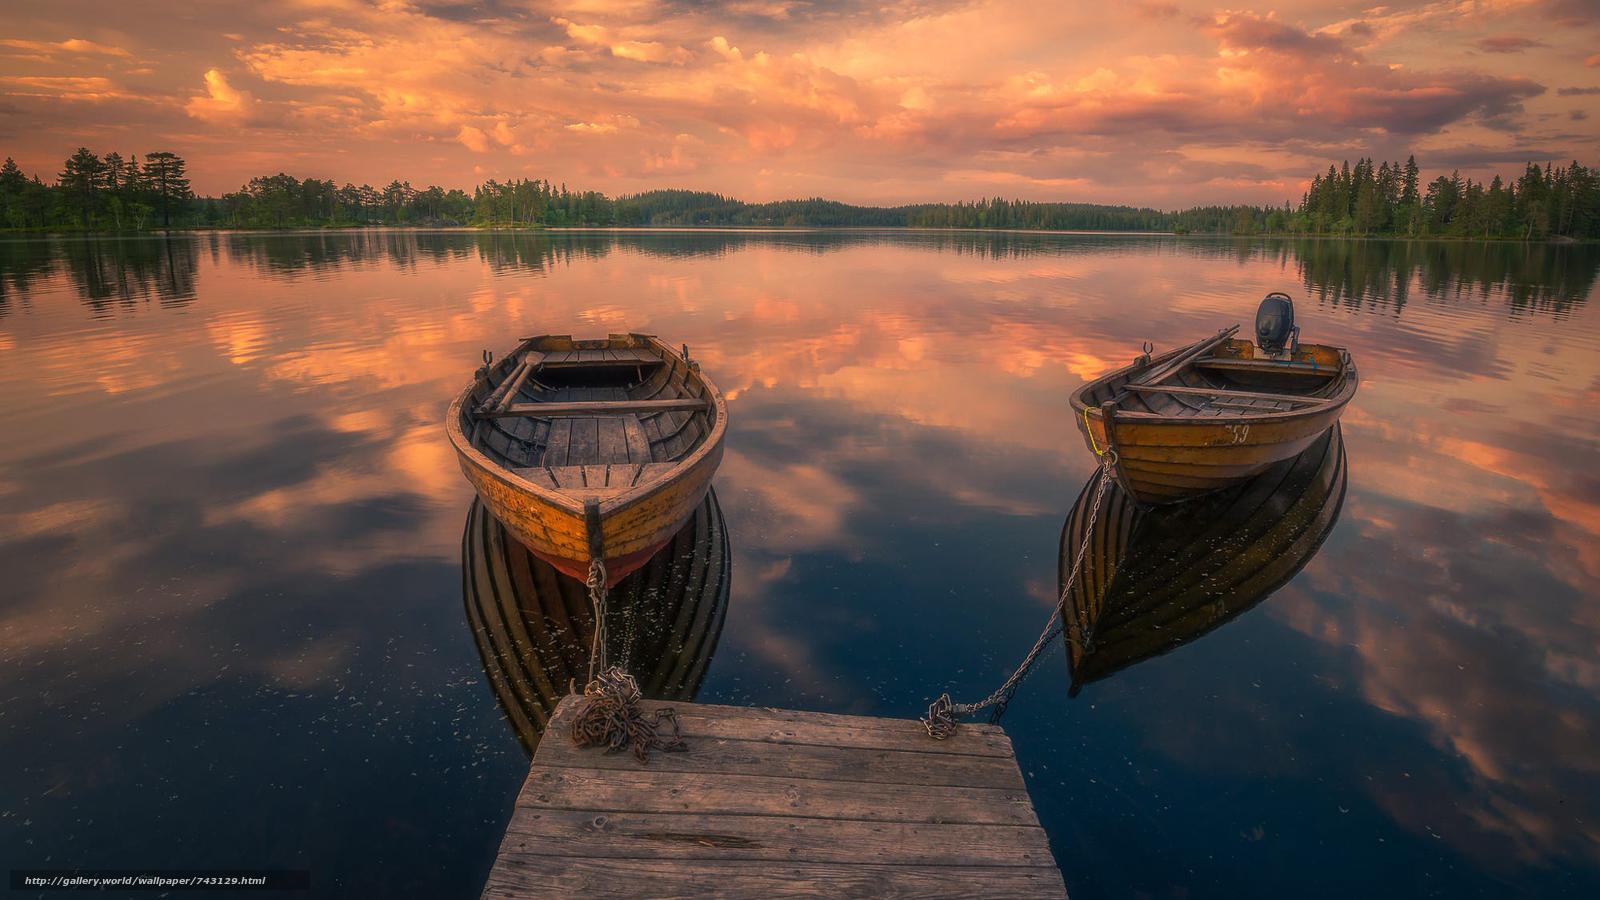 обои для рабочего стола лес река лодка